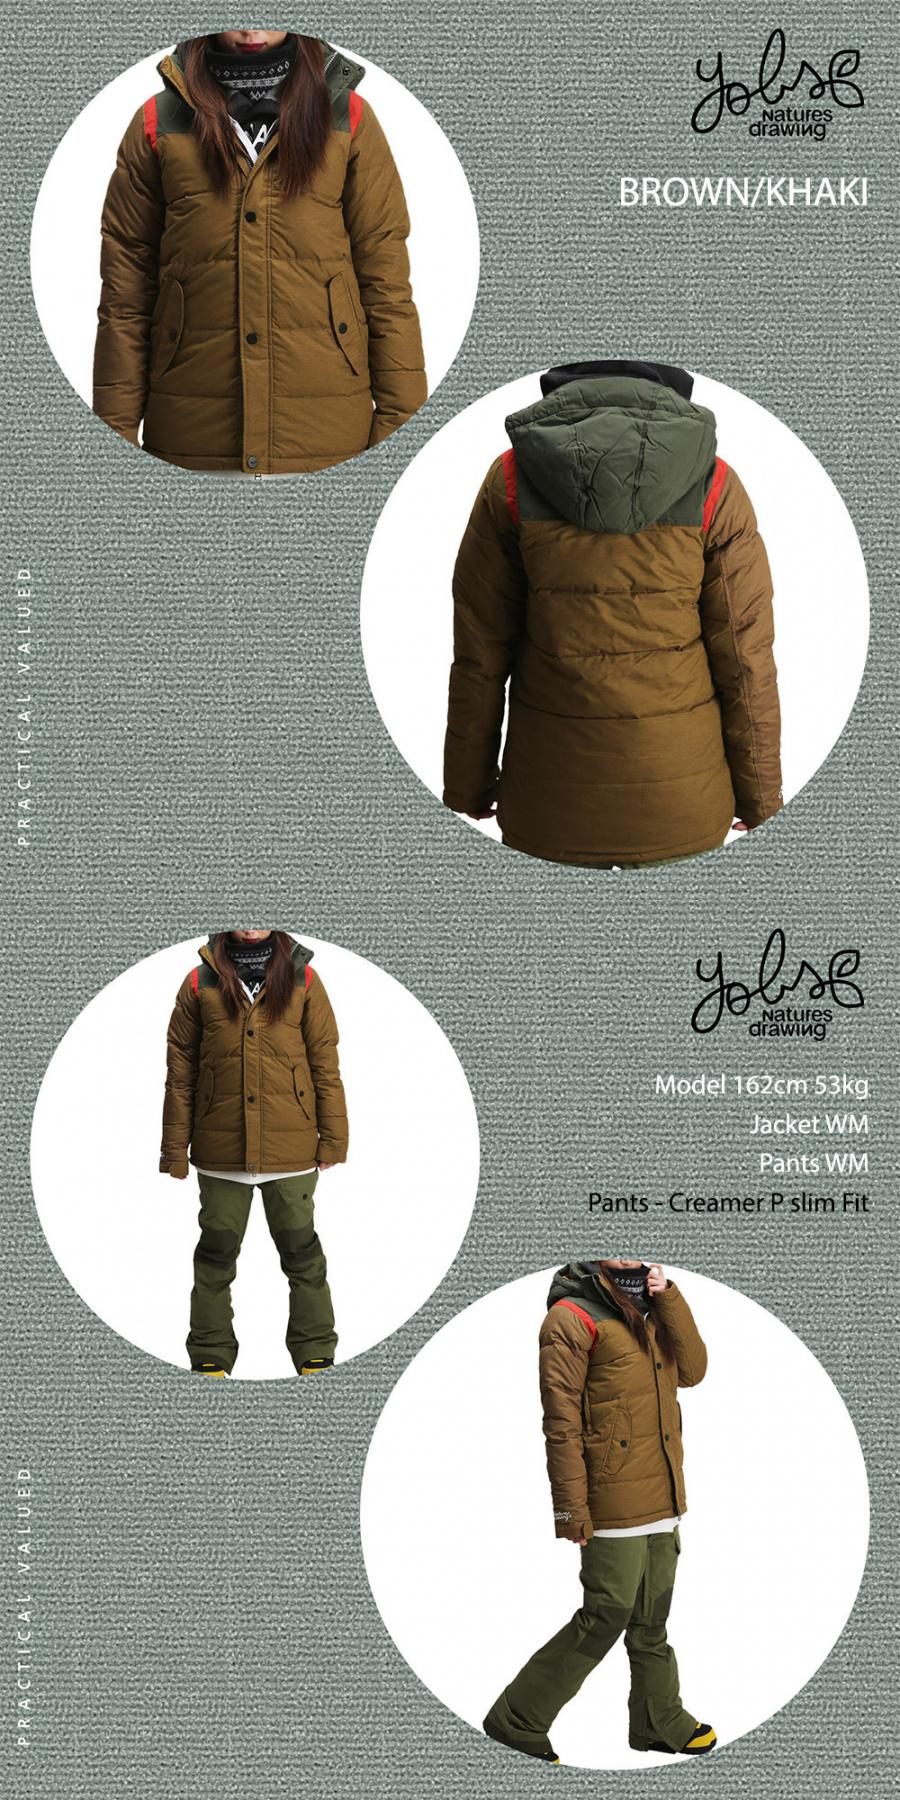 욥스(YOBS) 욥스 마이크로 패딩 여성 보드자켓 CLOVER J - BROWN/KHAKI